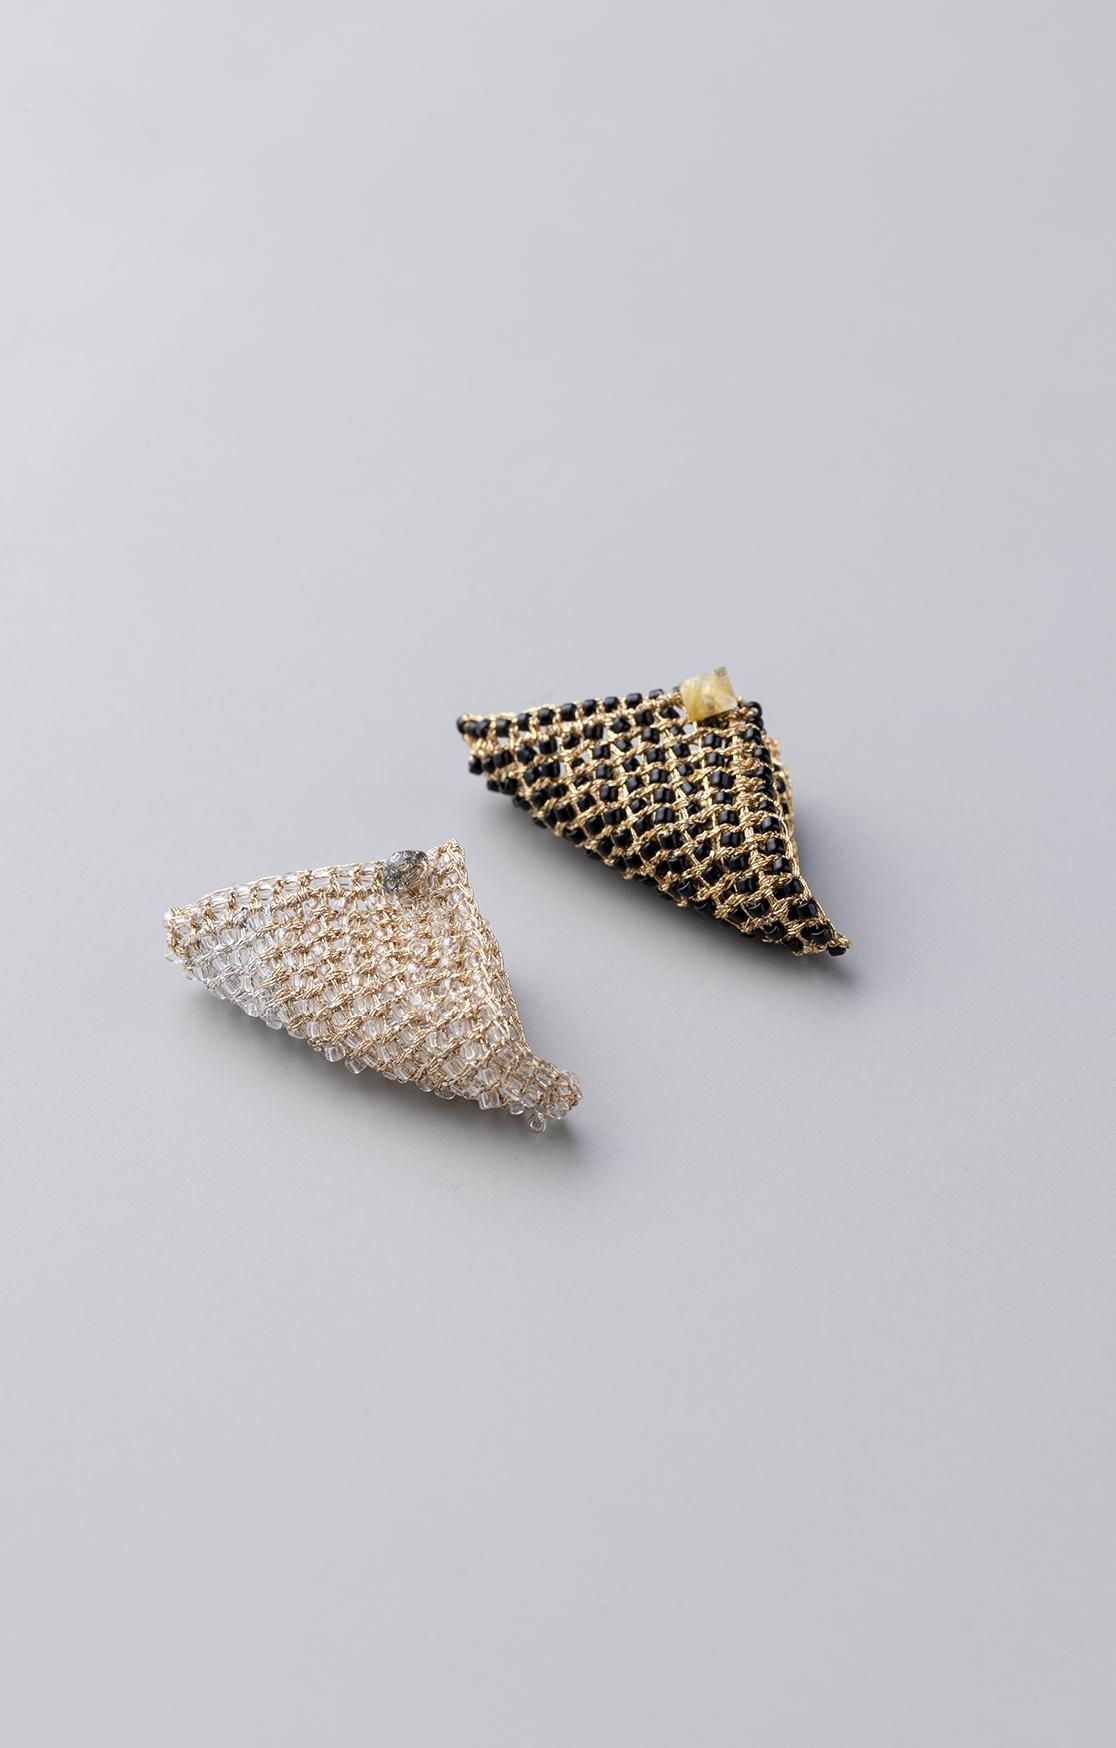 Origami Pierce